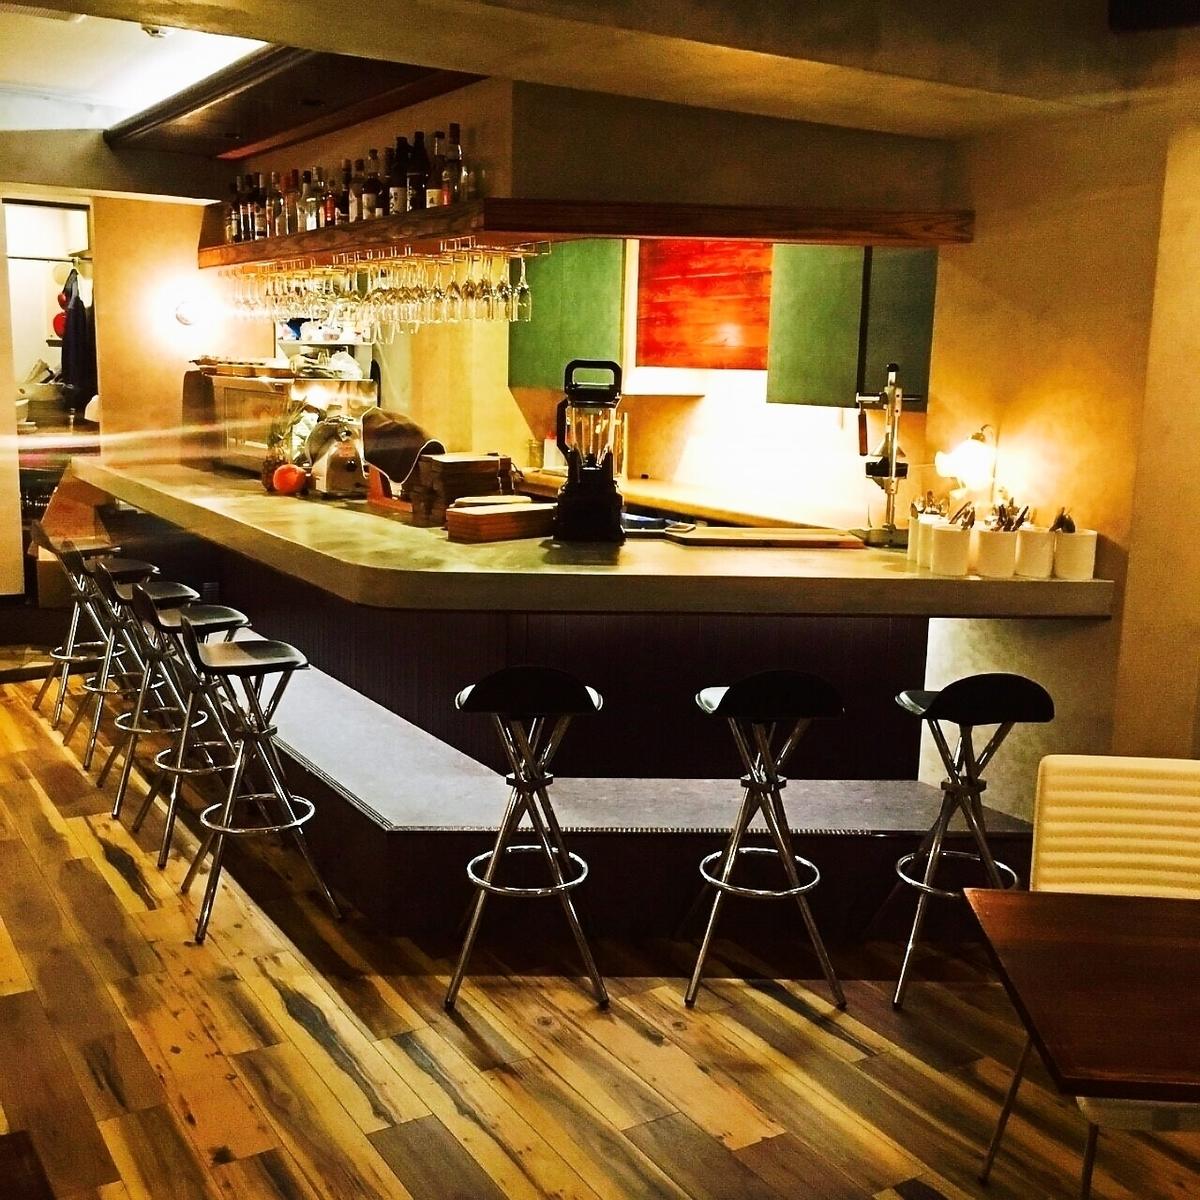 建议第二次使用的柜台和一点饮料★只是一个休闲和时尚的意大利酒吧喝酒!葡萄酒和鸡尾酒也合理和快乐!